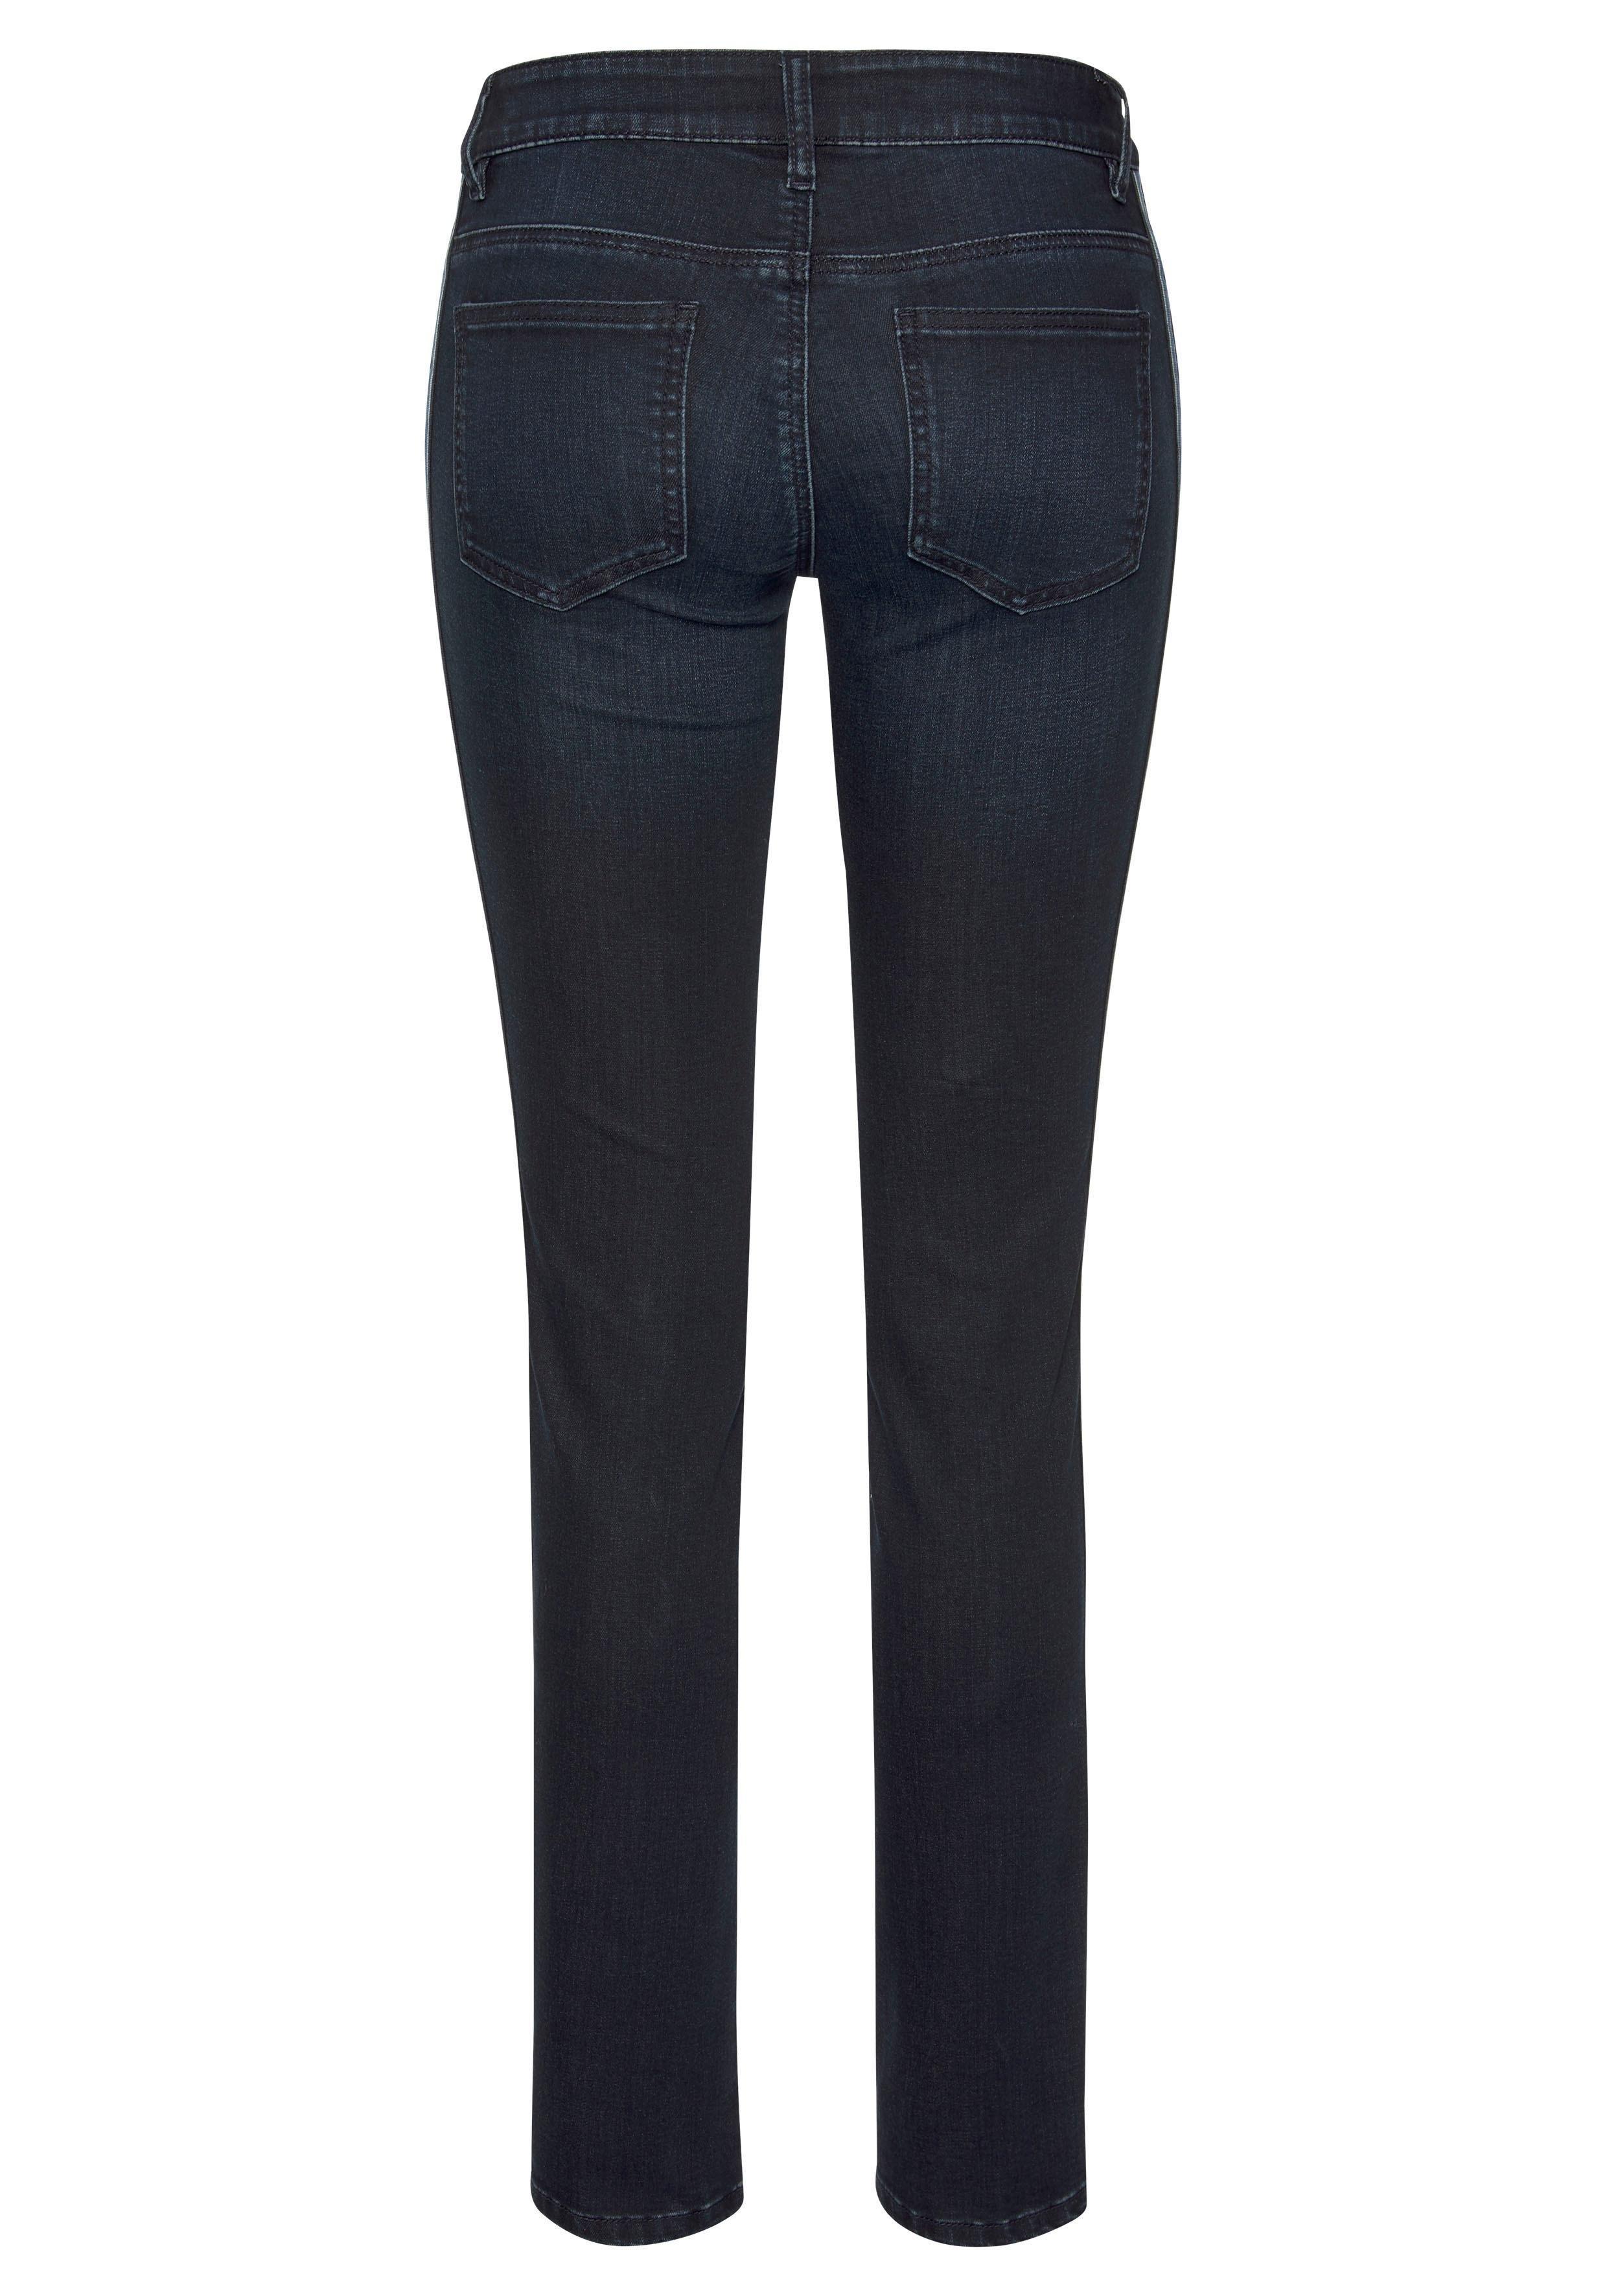 Jeans Shop Tom Tailor Online Skinny YfgIymb7v6